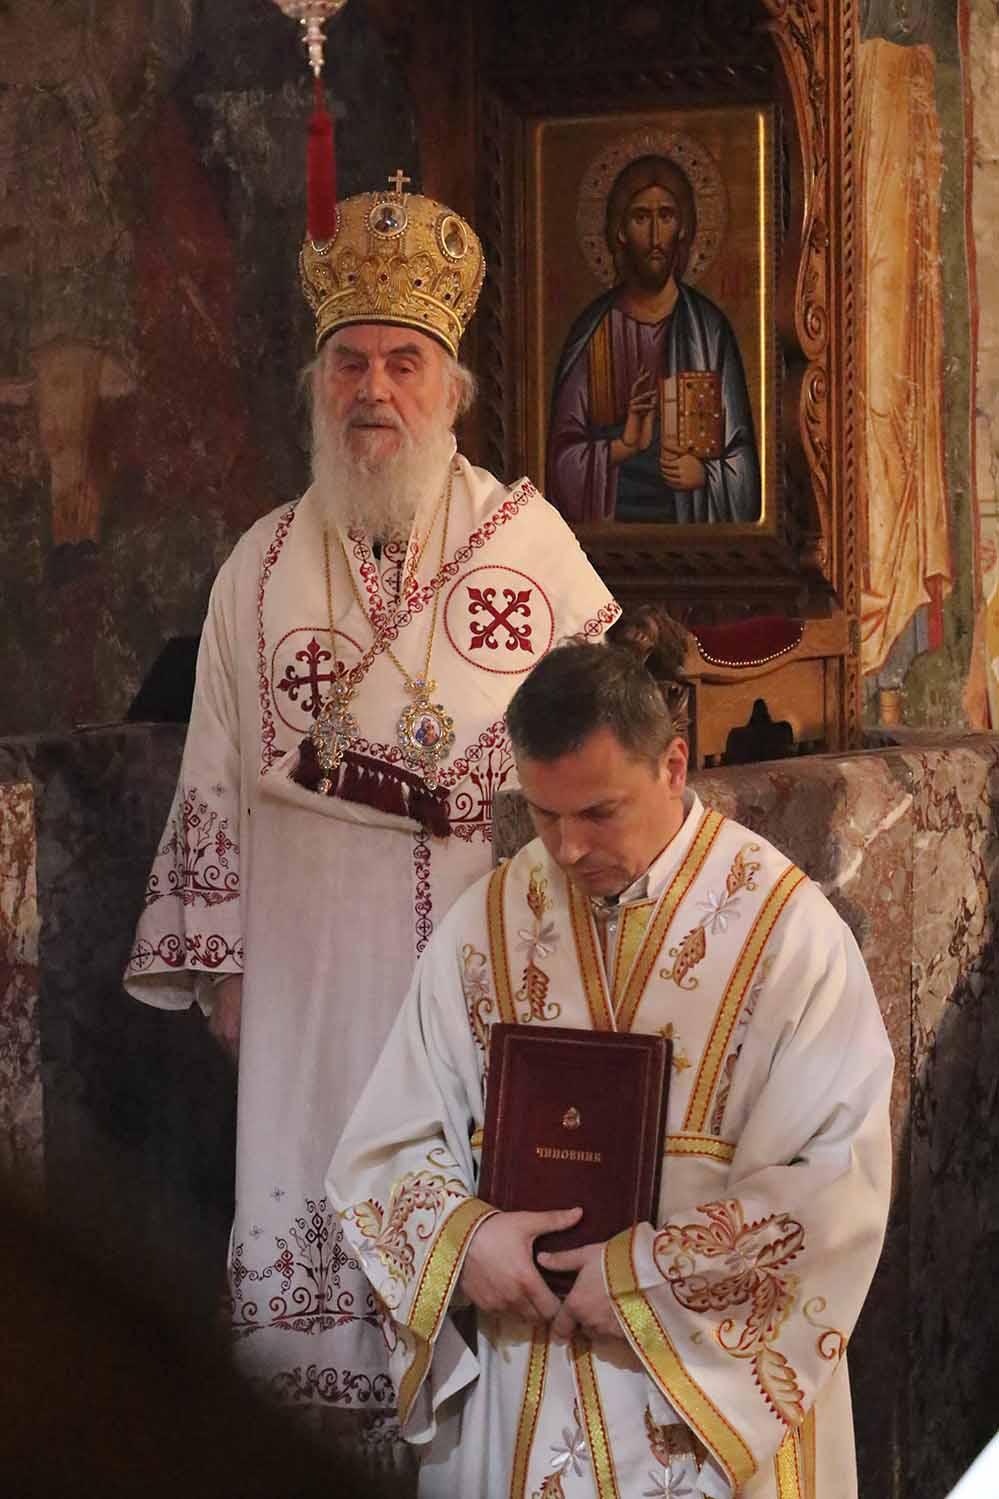 L'Assemblée des évêques de l'Église orthodoxe serbe s'est réunie à Peć (Kosovo) – Déclaration du patriarche Irénée sur le Kosovo et la Métochie